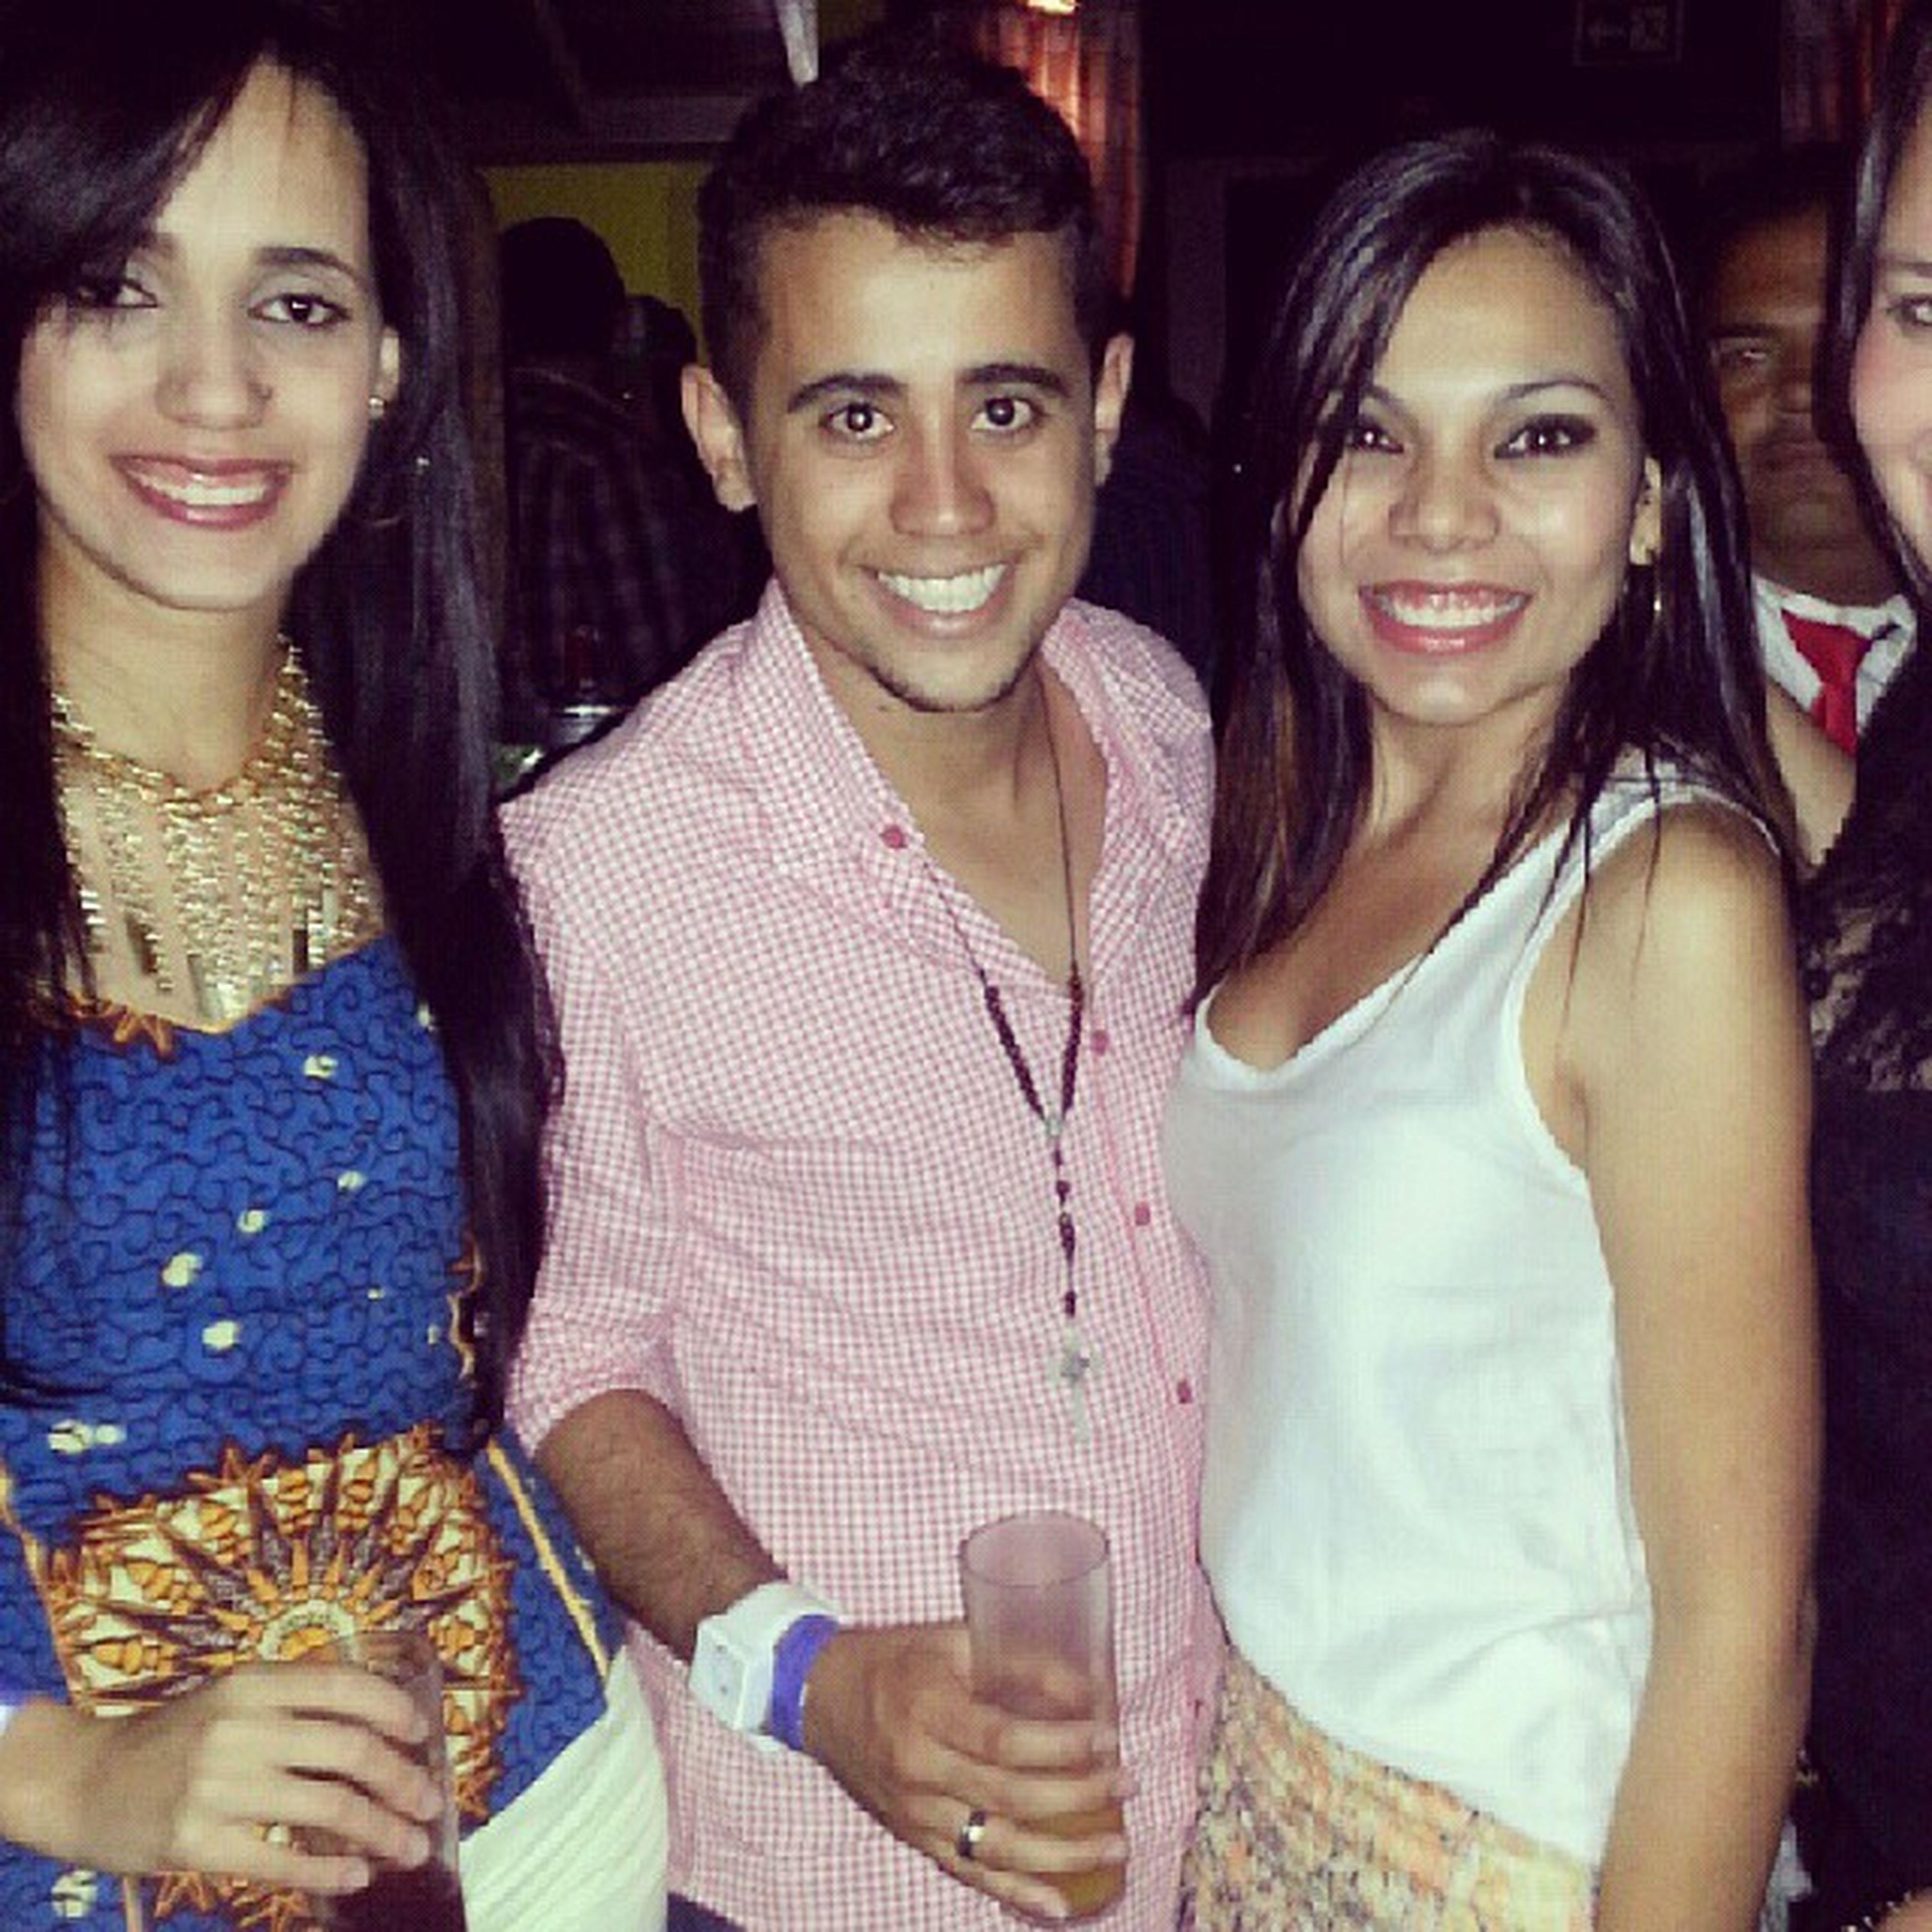 Friends Bday @portugapc Party Boyandgirls Escritório Happy